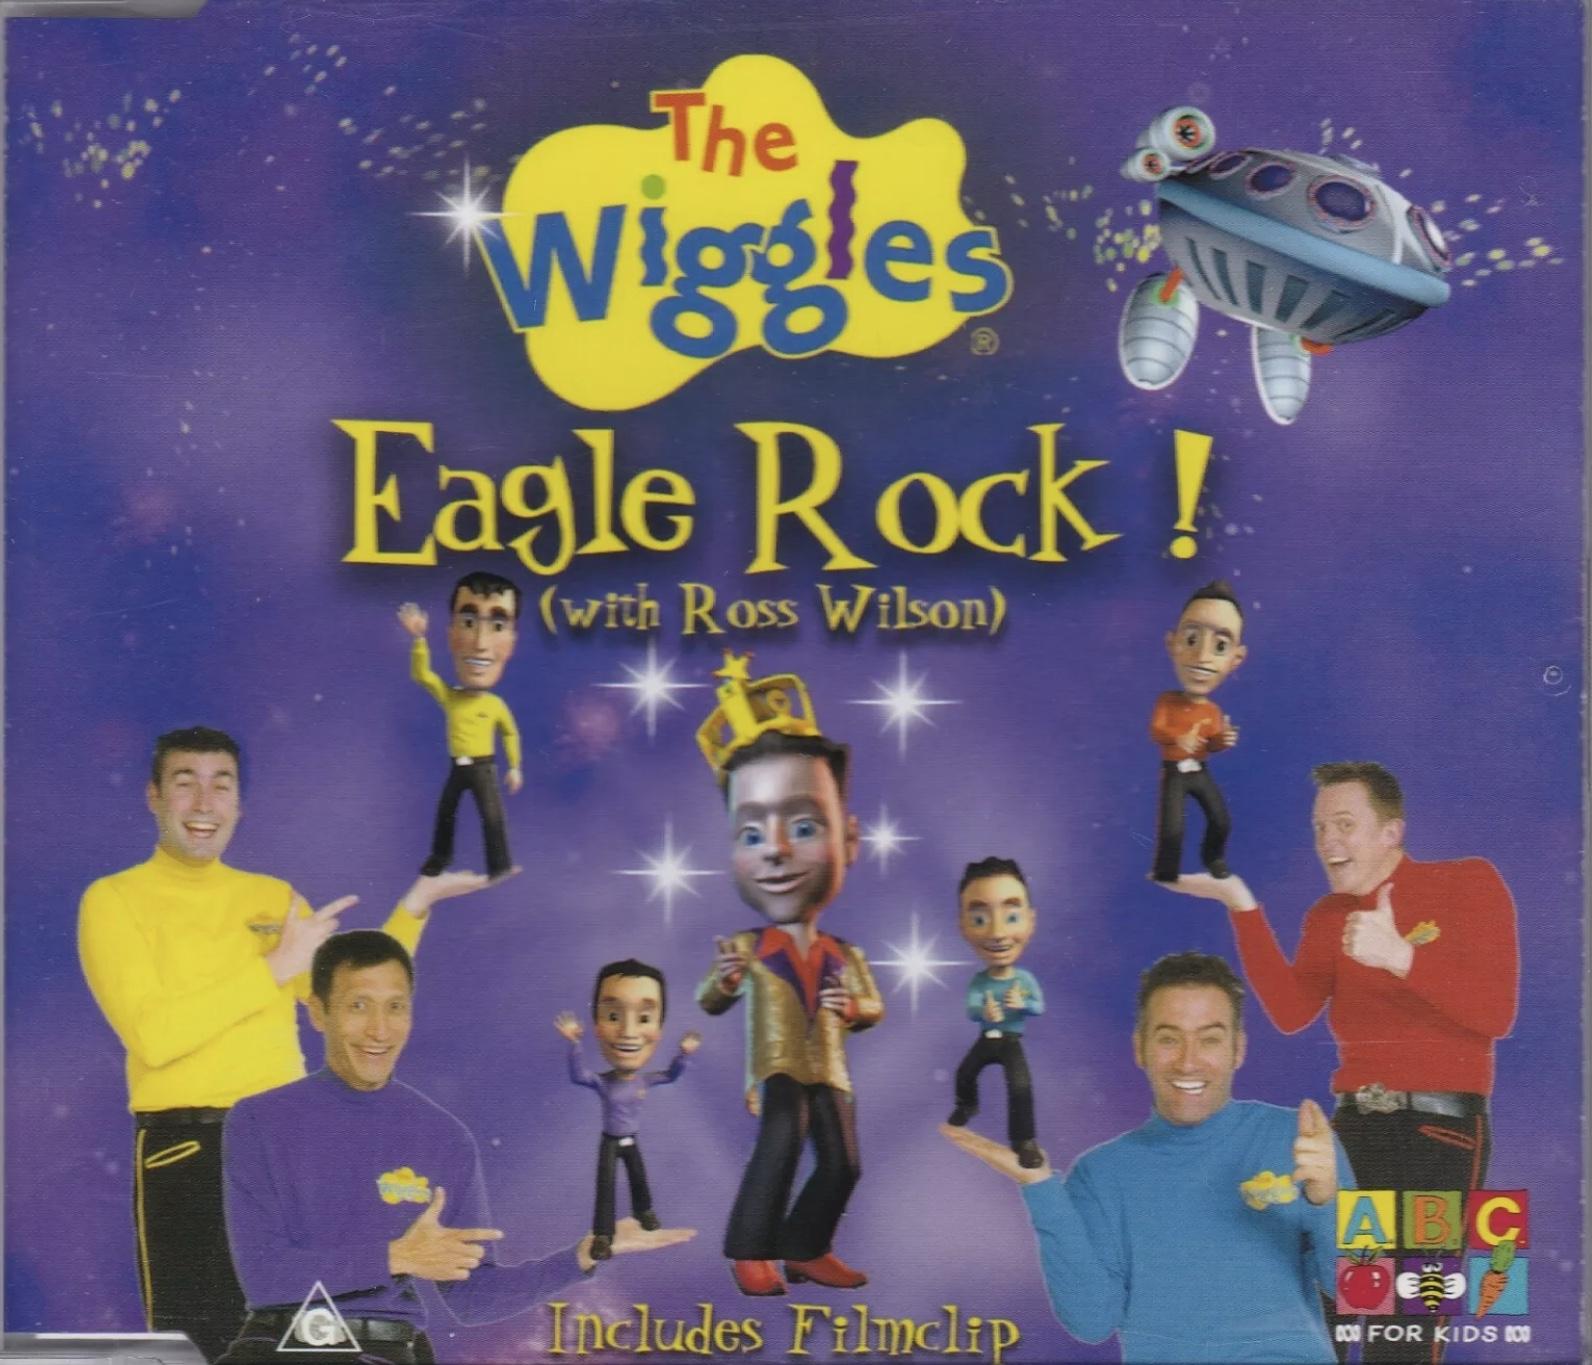 Eagle Rock! (single)